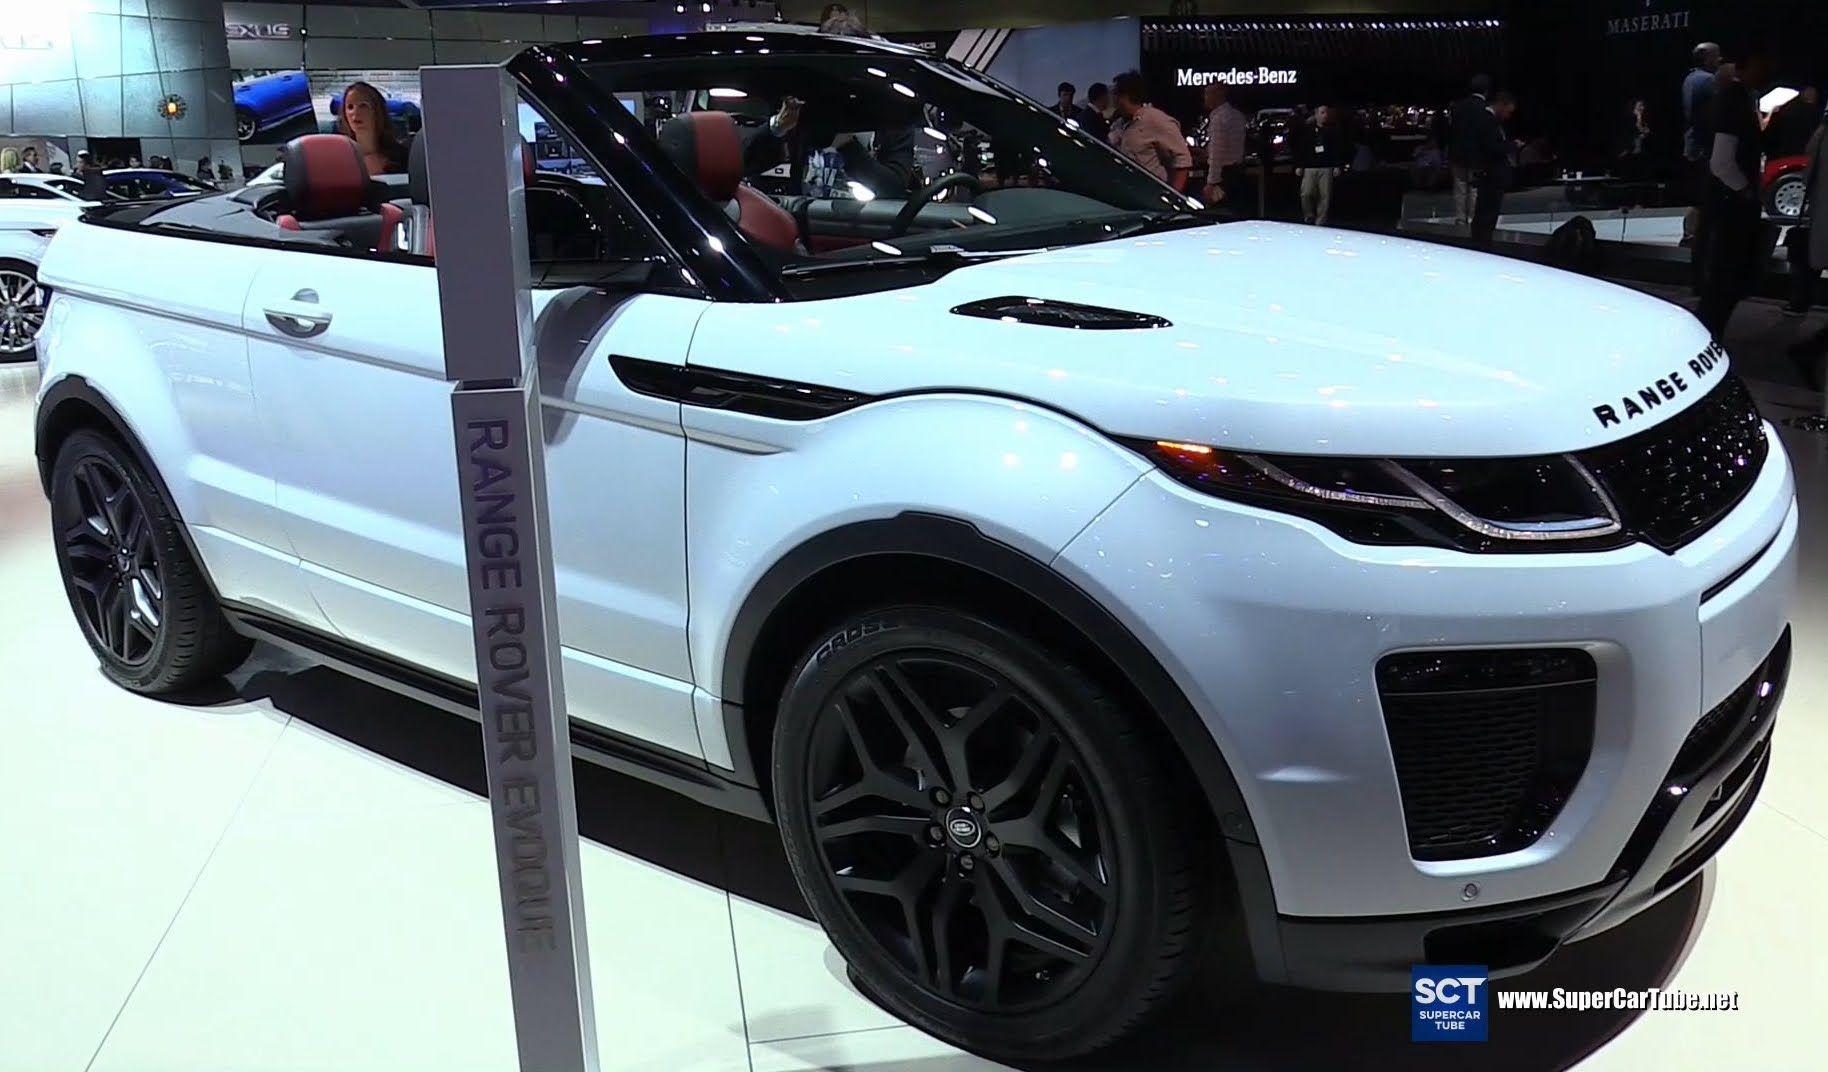 2017 Range Rover Evoque Convertible Exterior and